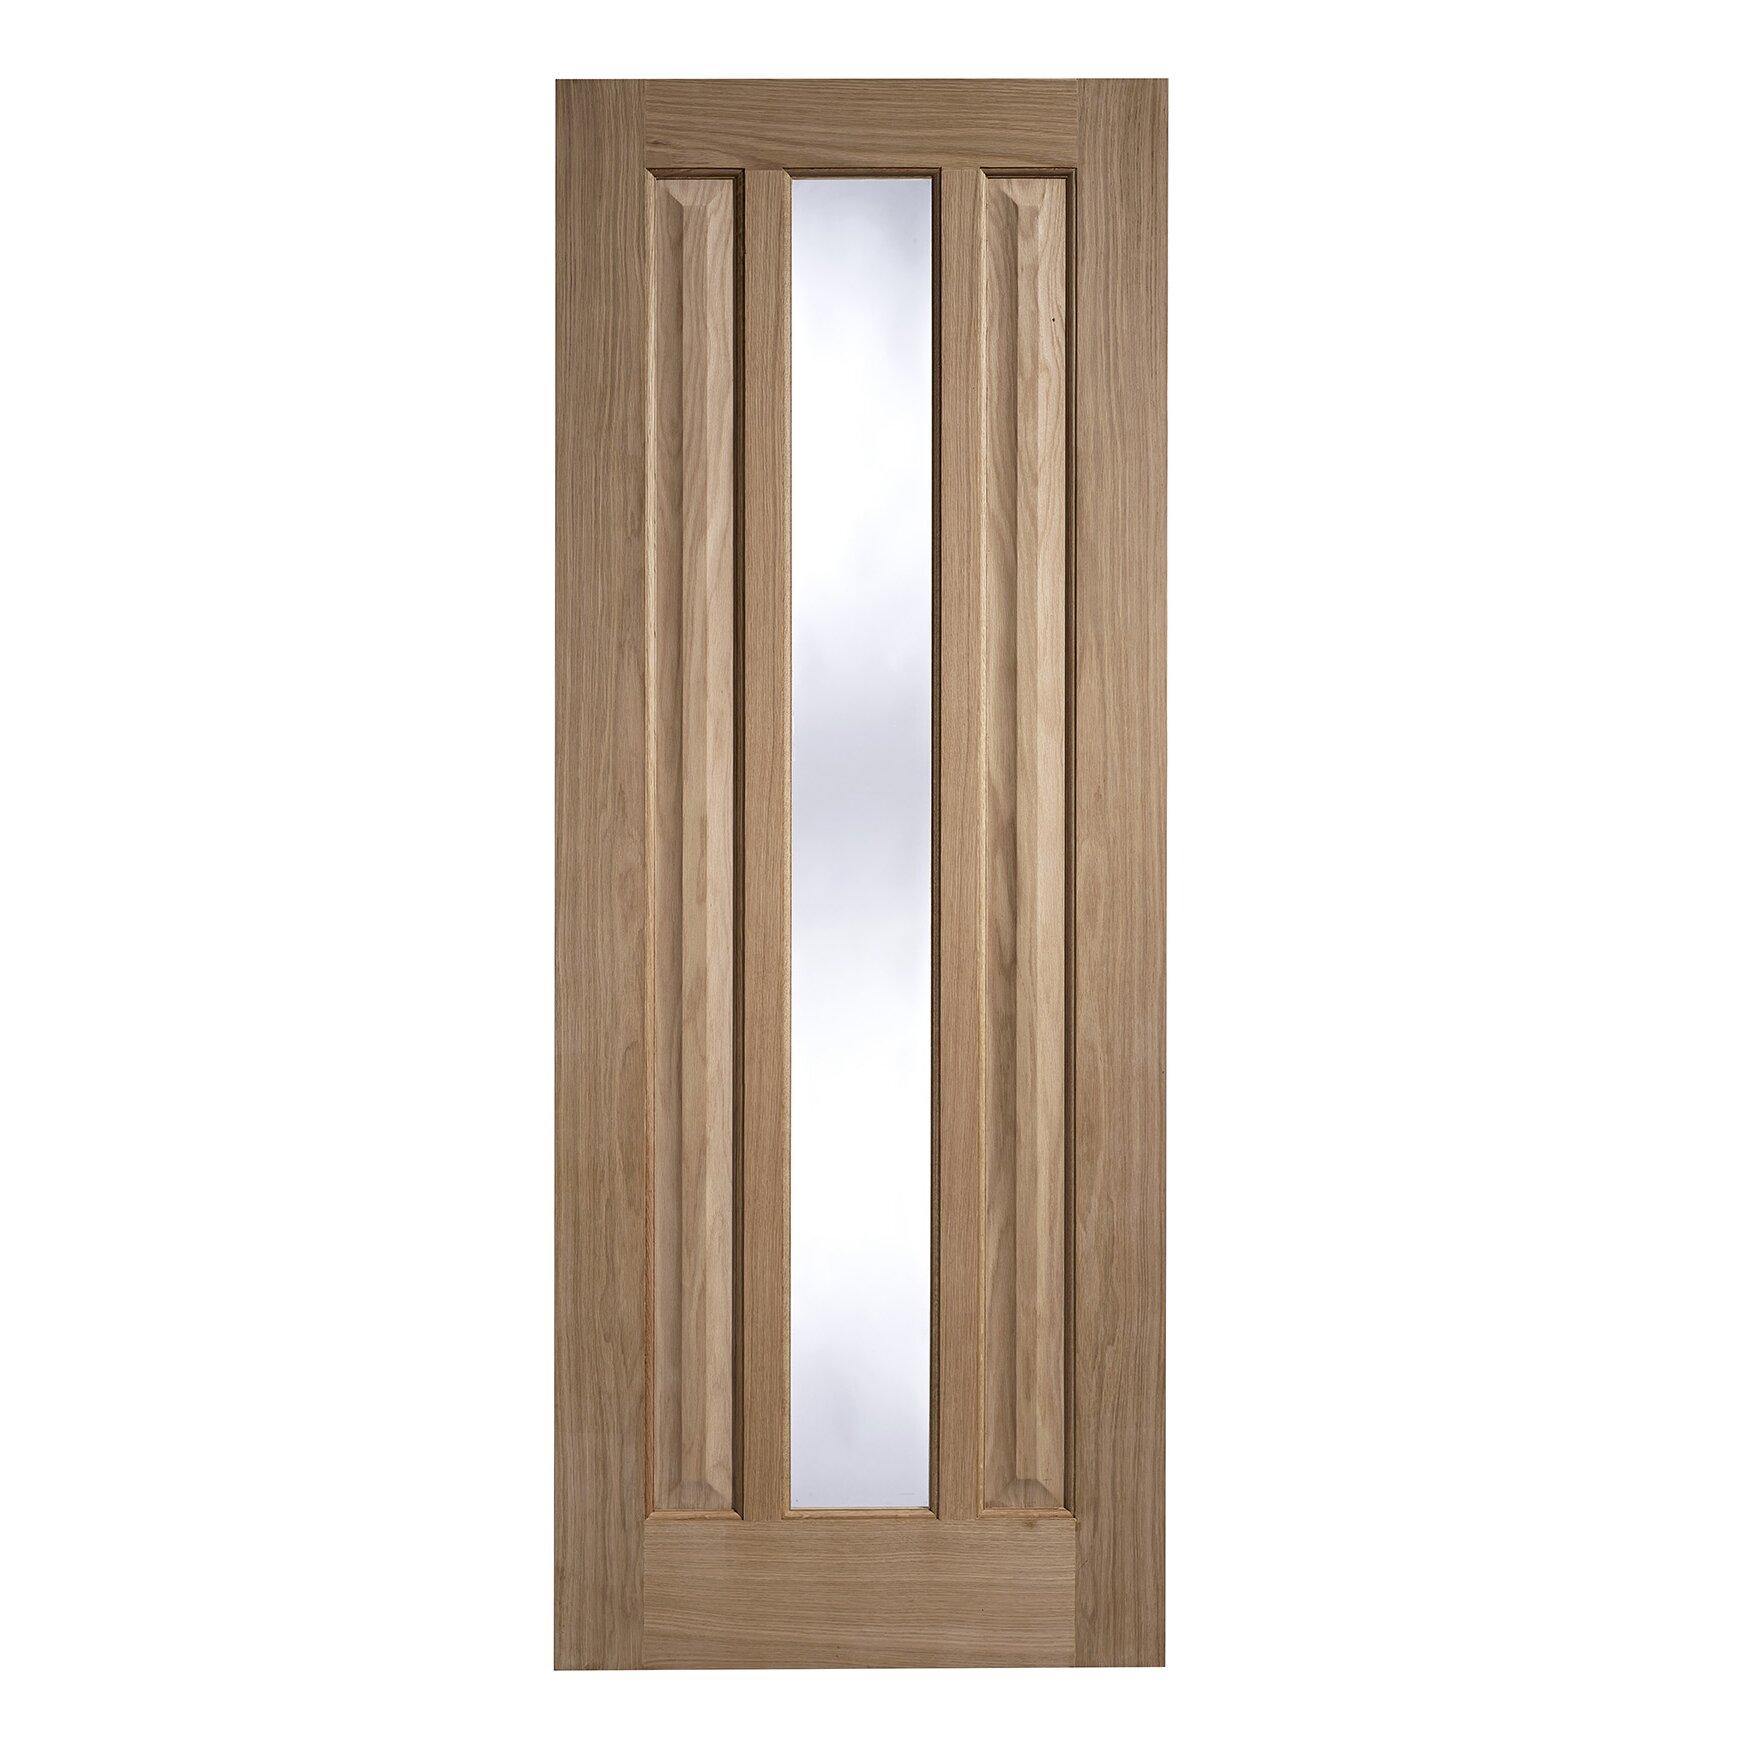 Lpd doors kilburn wooden 2 panel unfinished glazed for Internal wooden doors